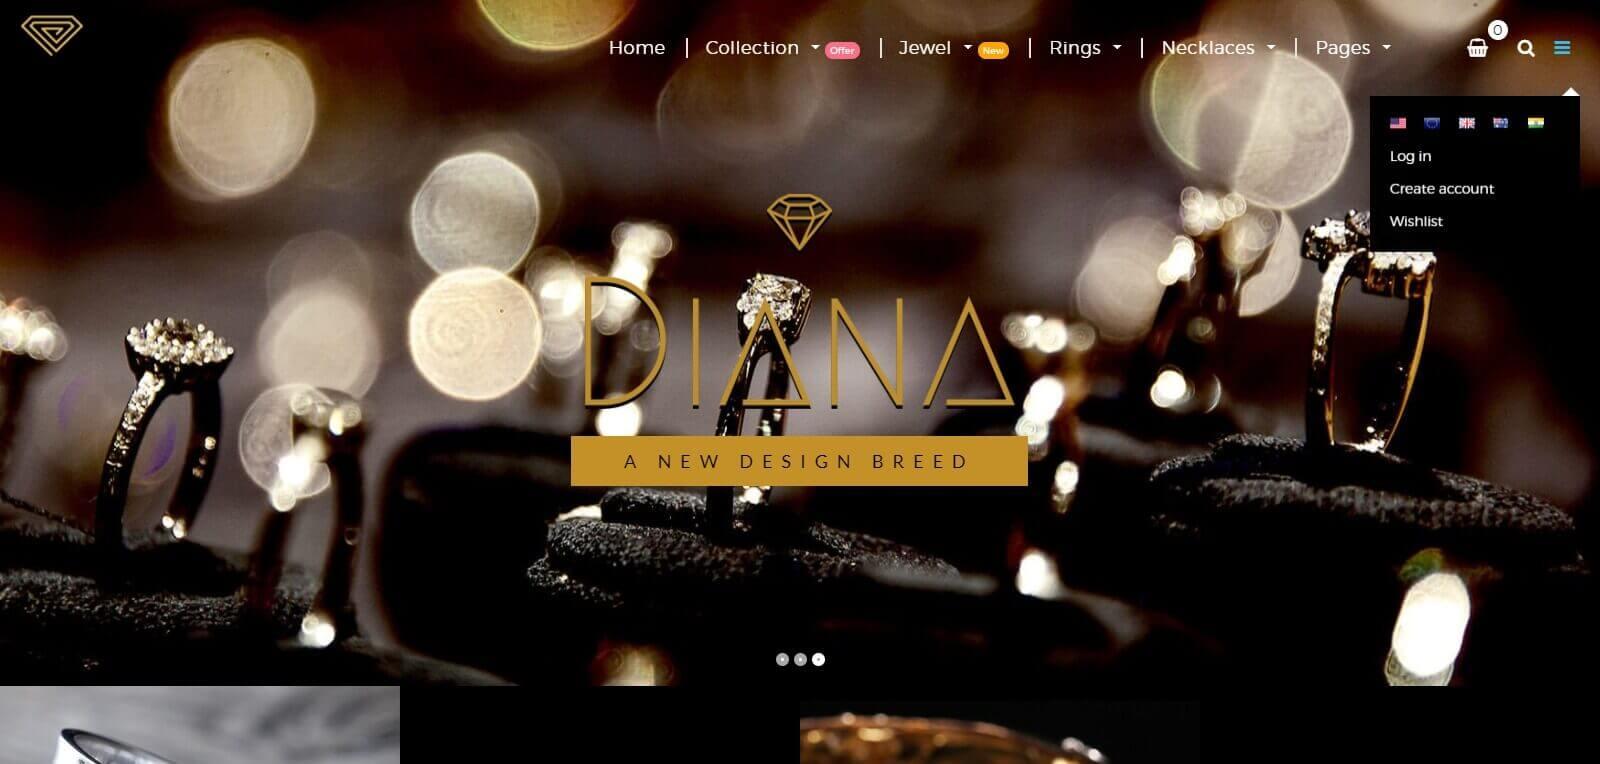 Thiết kế website bán nhẫn mở rộng quy mô kinh doanh